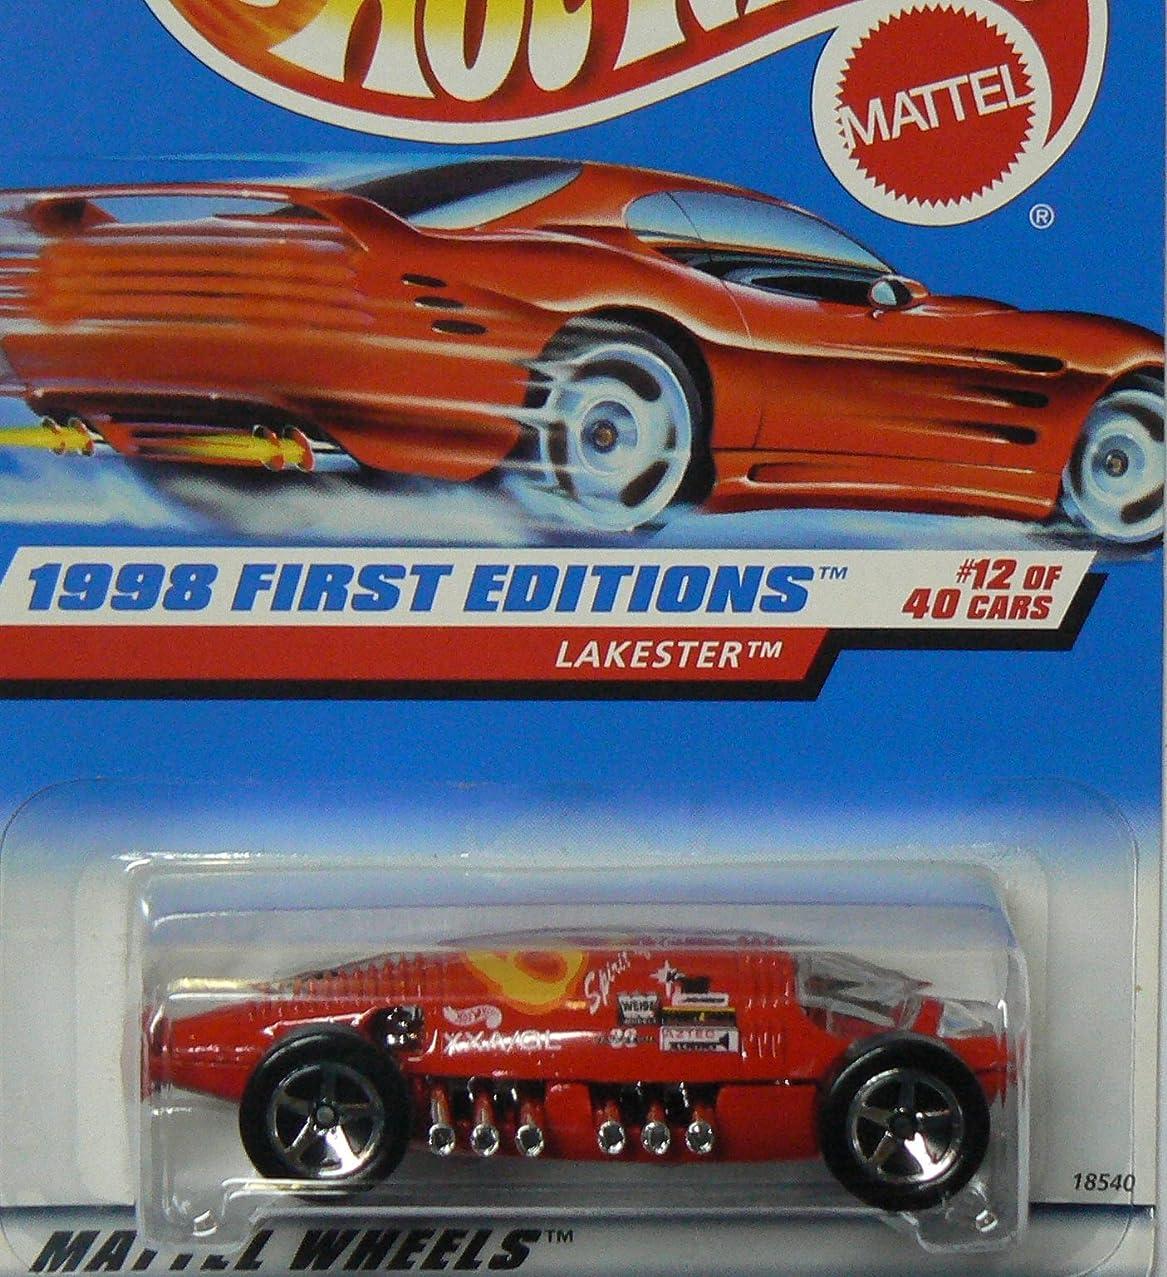 ロンドン砲撃マッシュHOT WHEELS Lakester 647 1998 First Editions ON RED CARD